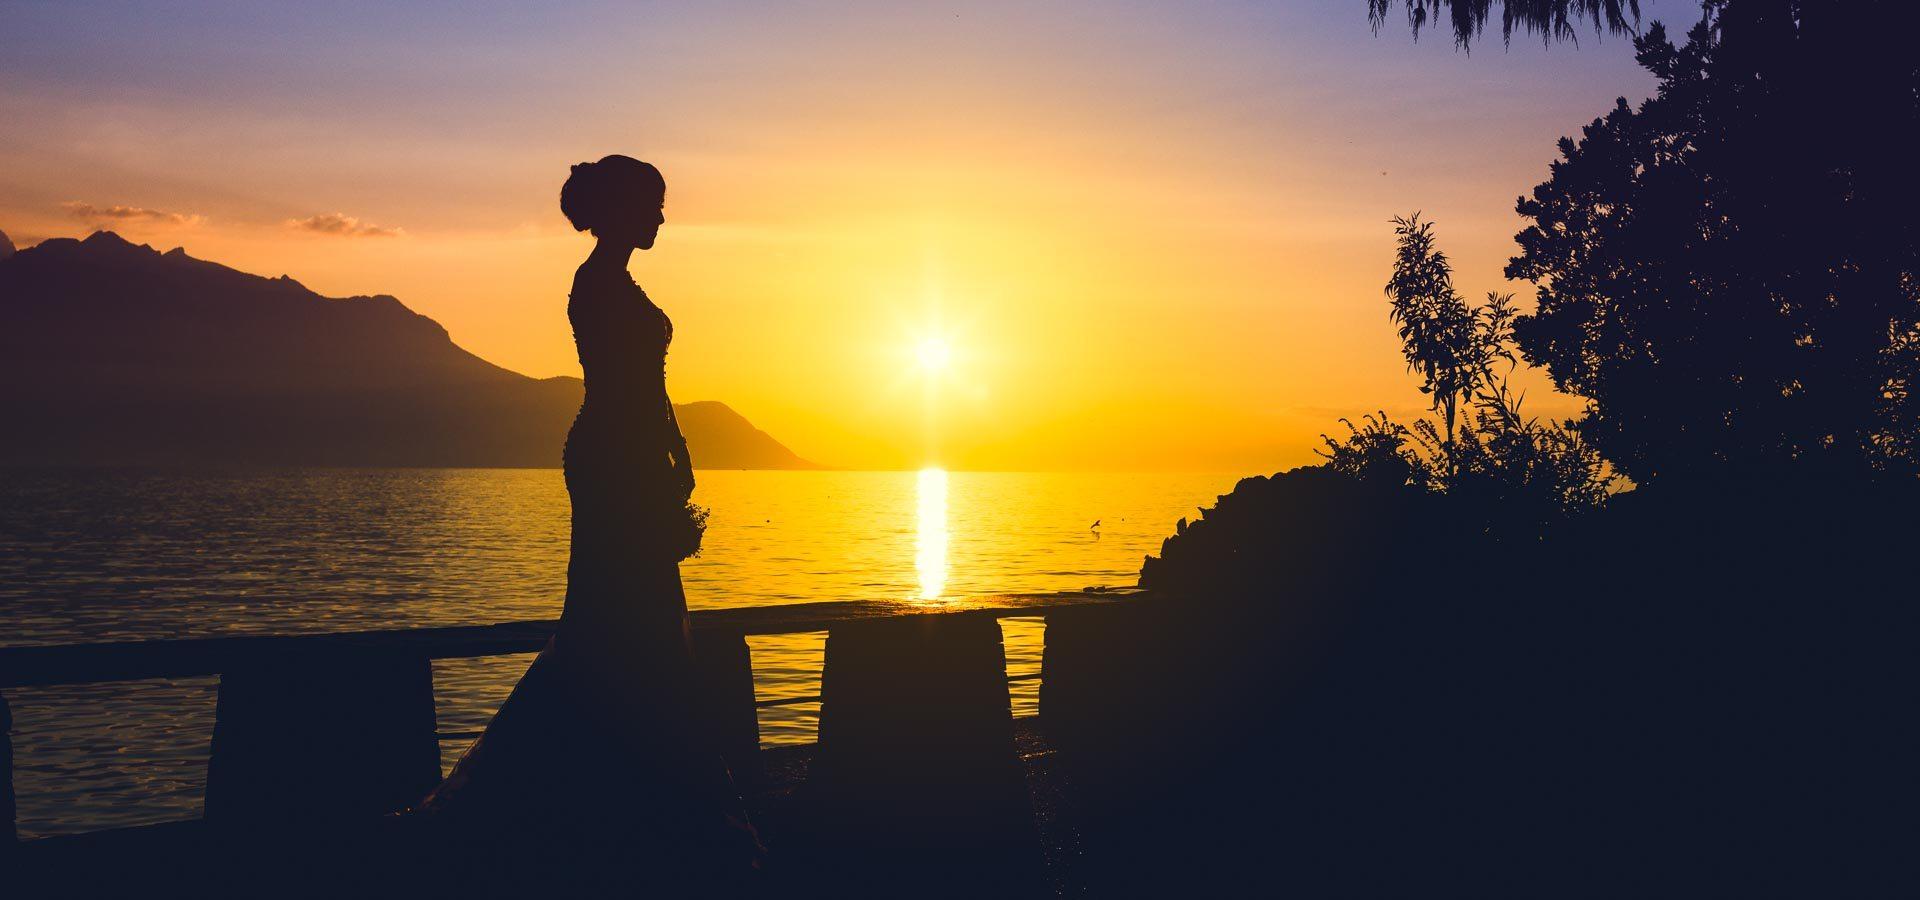 tramonto-meraviglioso-con-silhouette-sposa